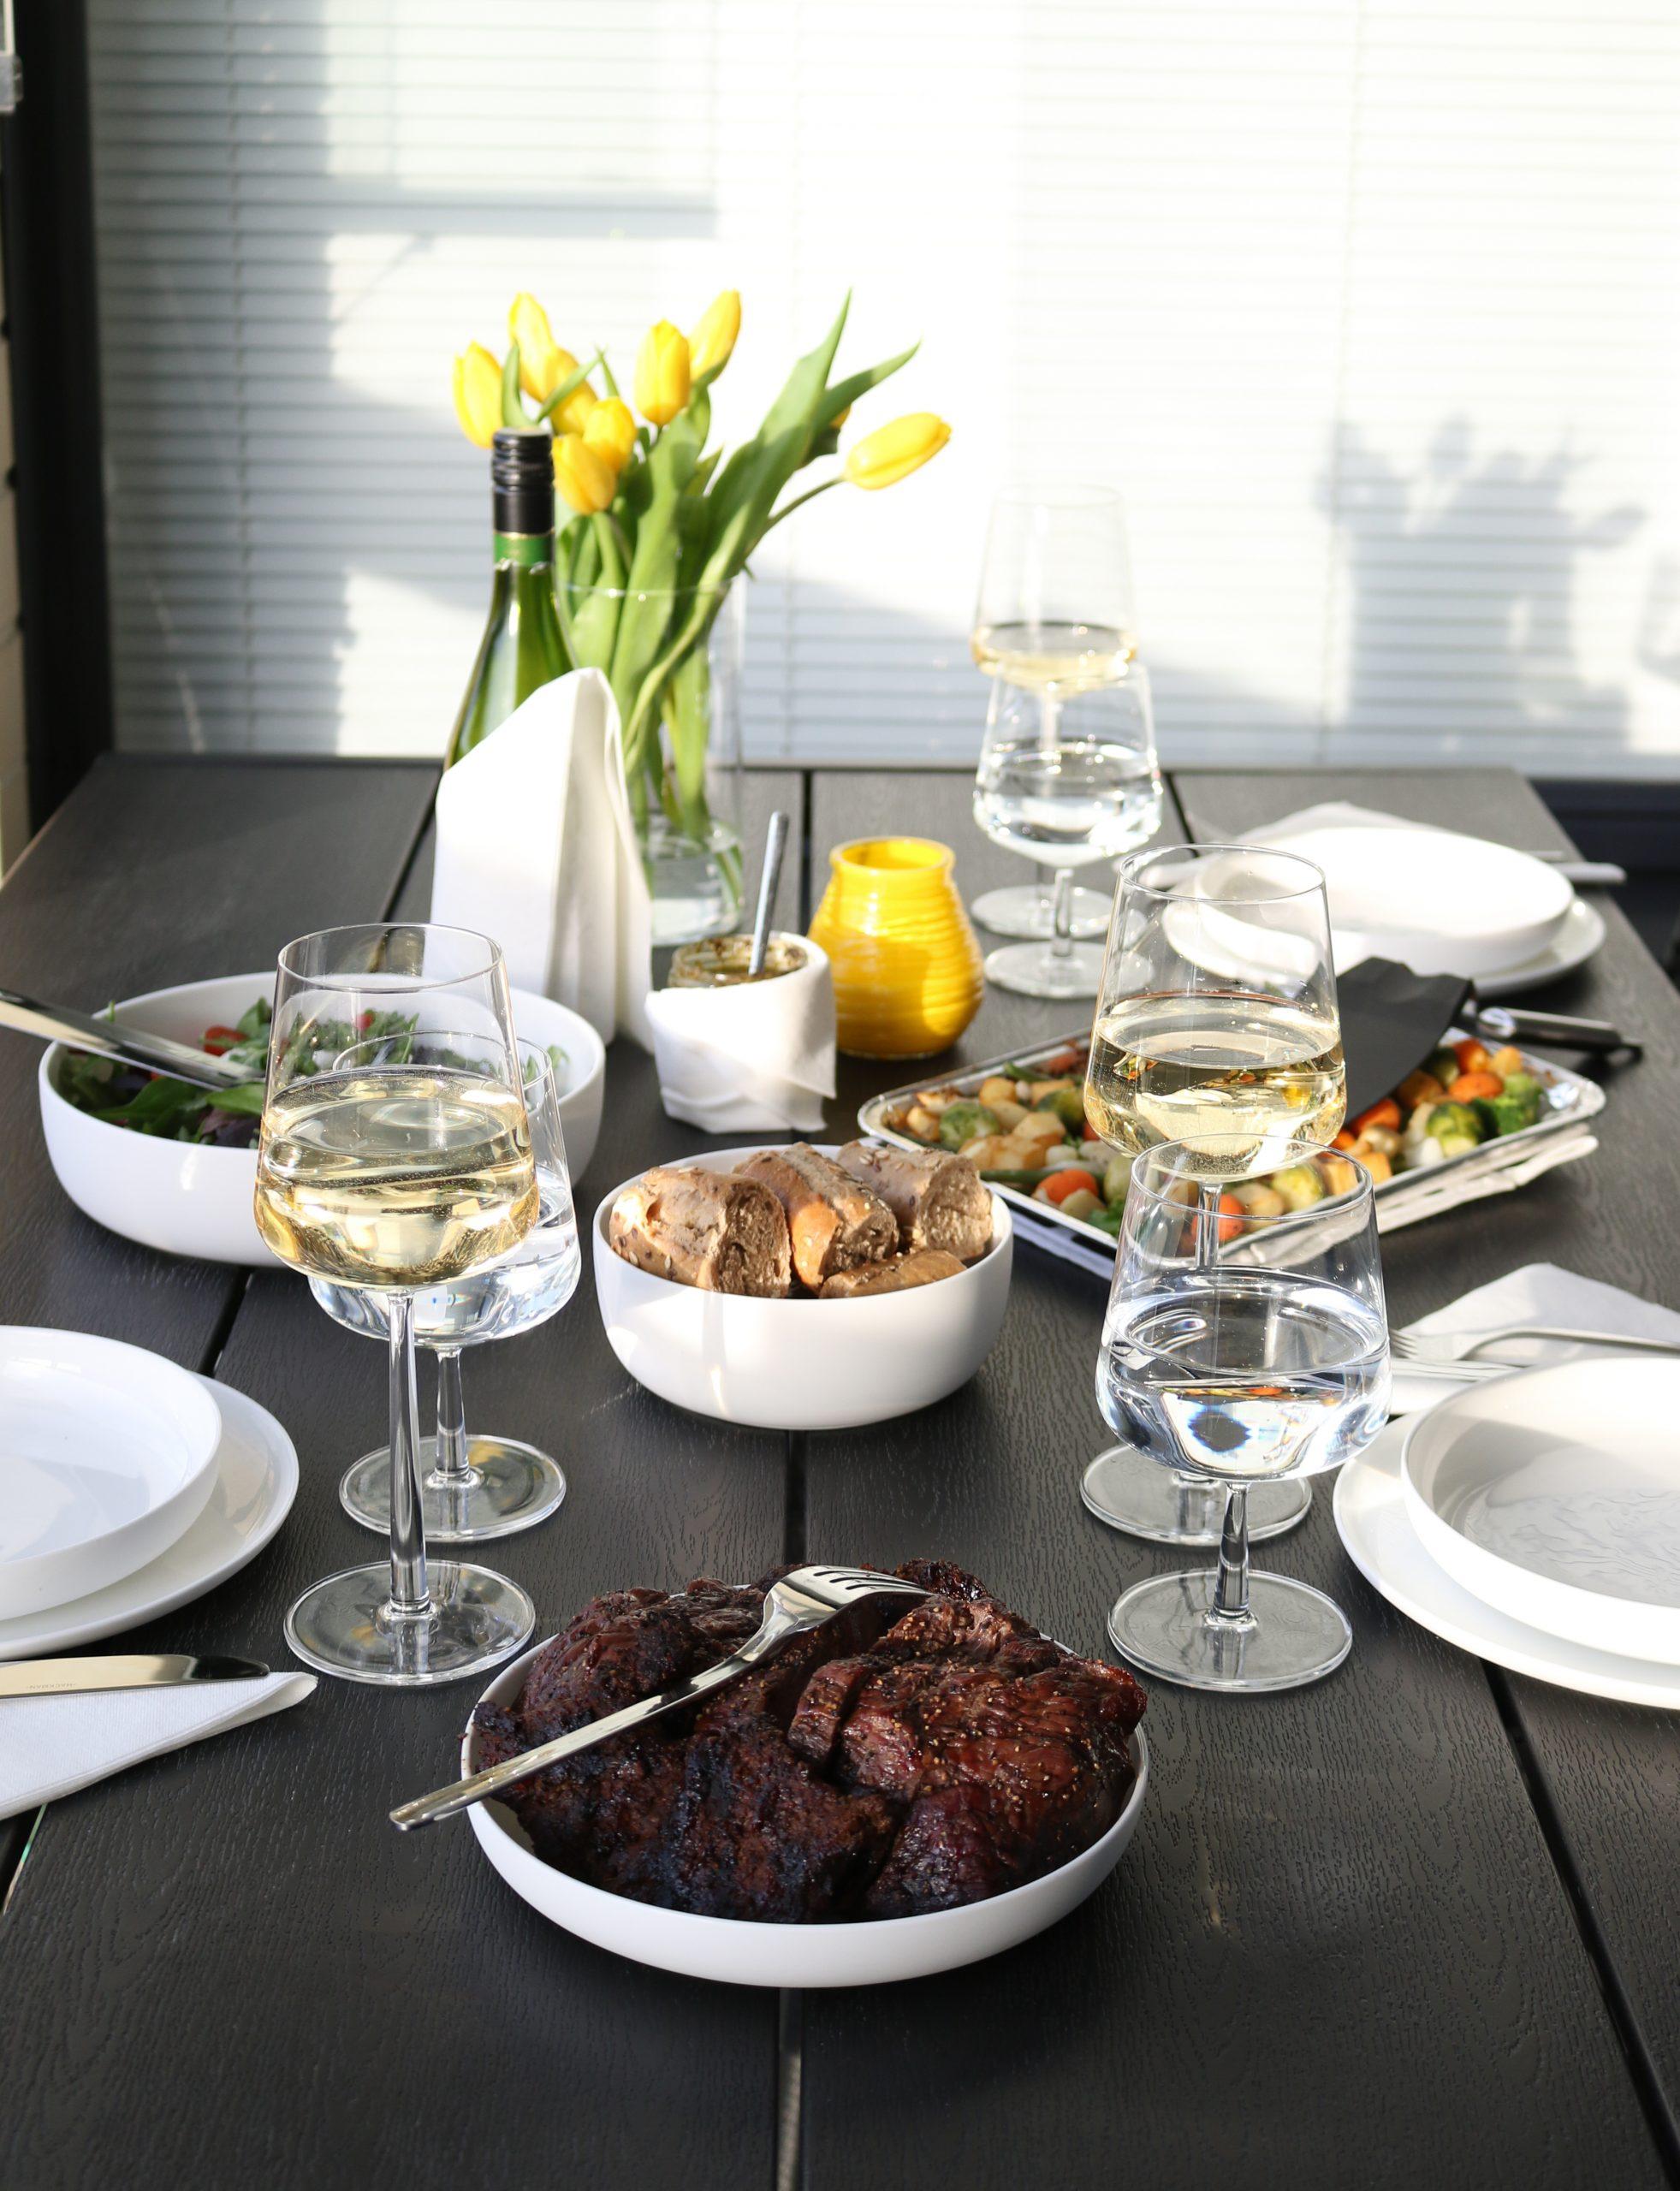 Kesäinen grillimenu yhdistelee suomalaisia ja välimerellisiä makuja